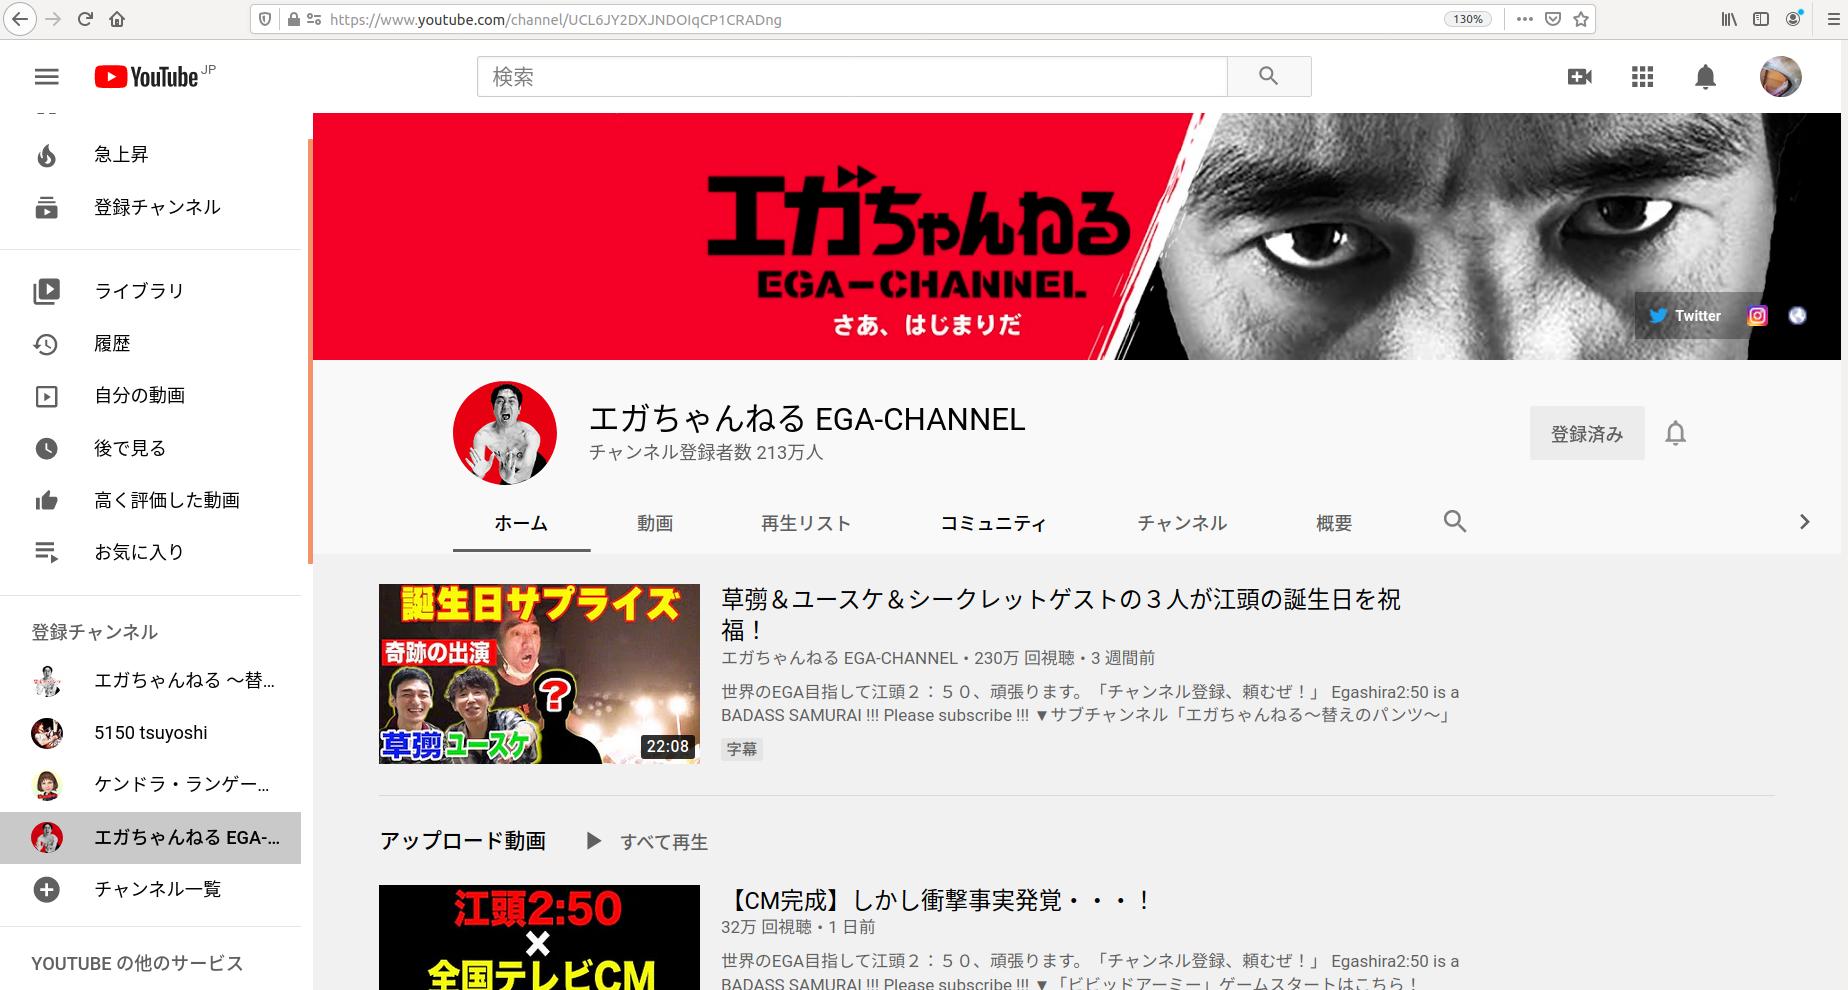 チャンネル 江頭 youtube